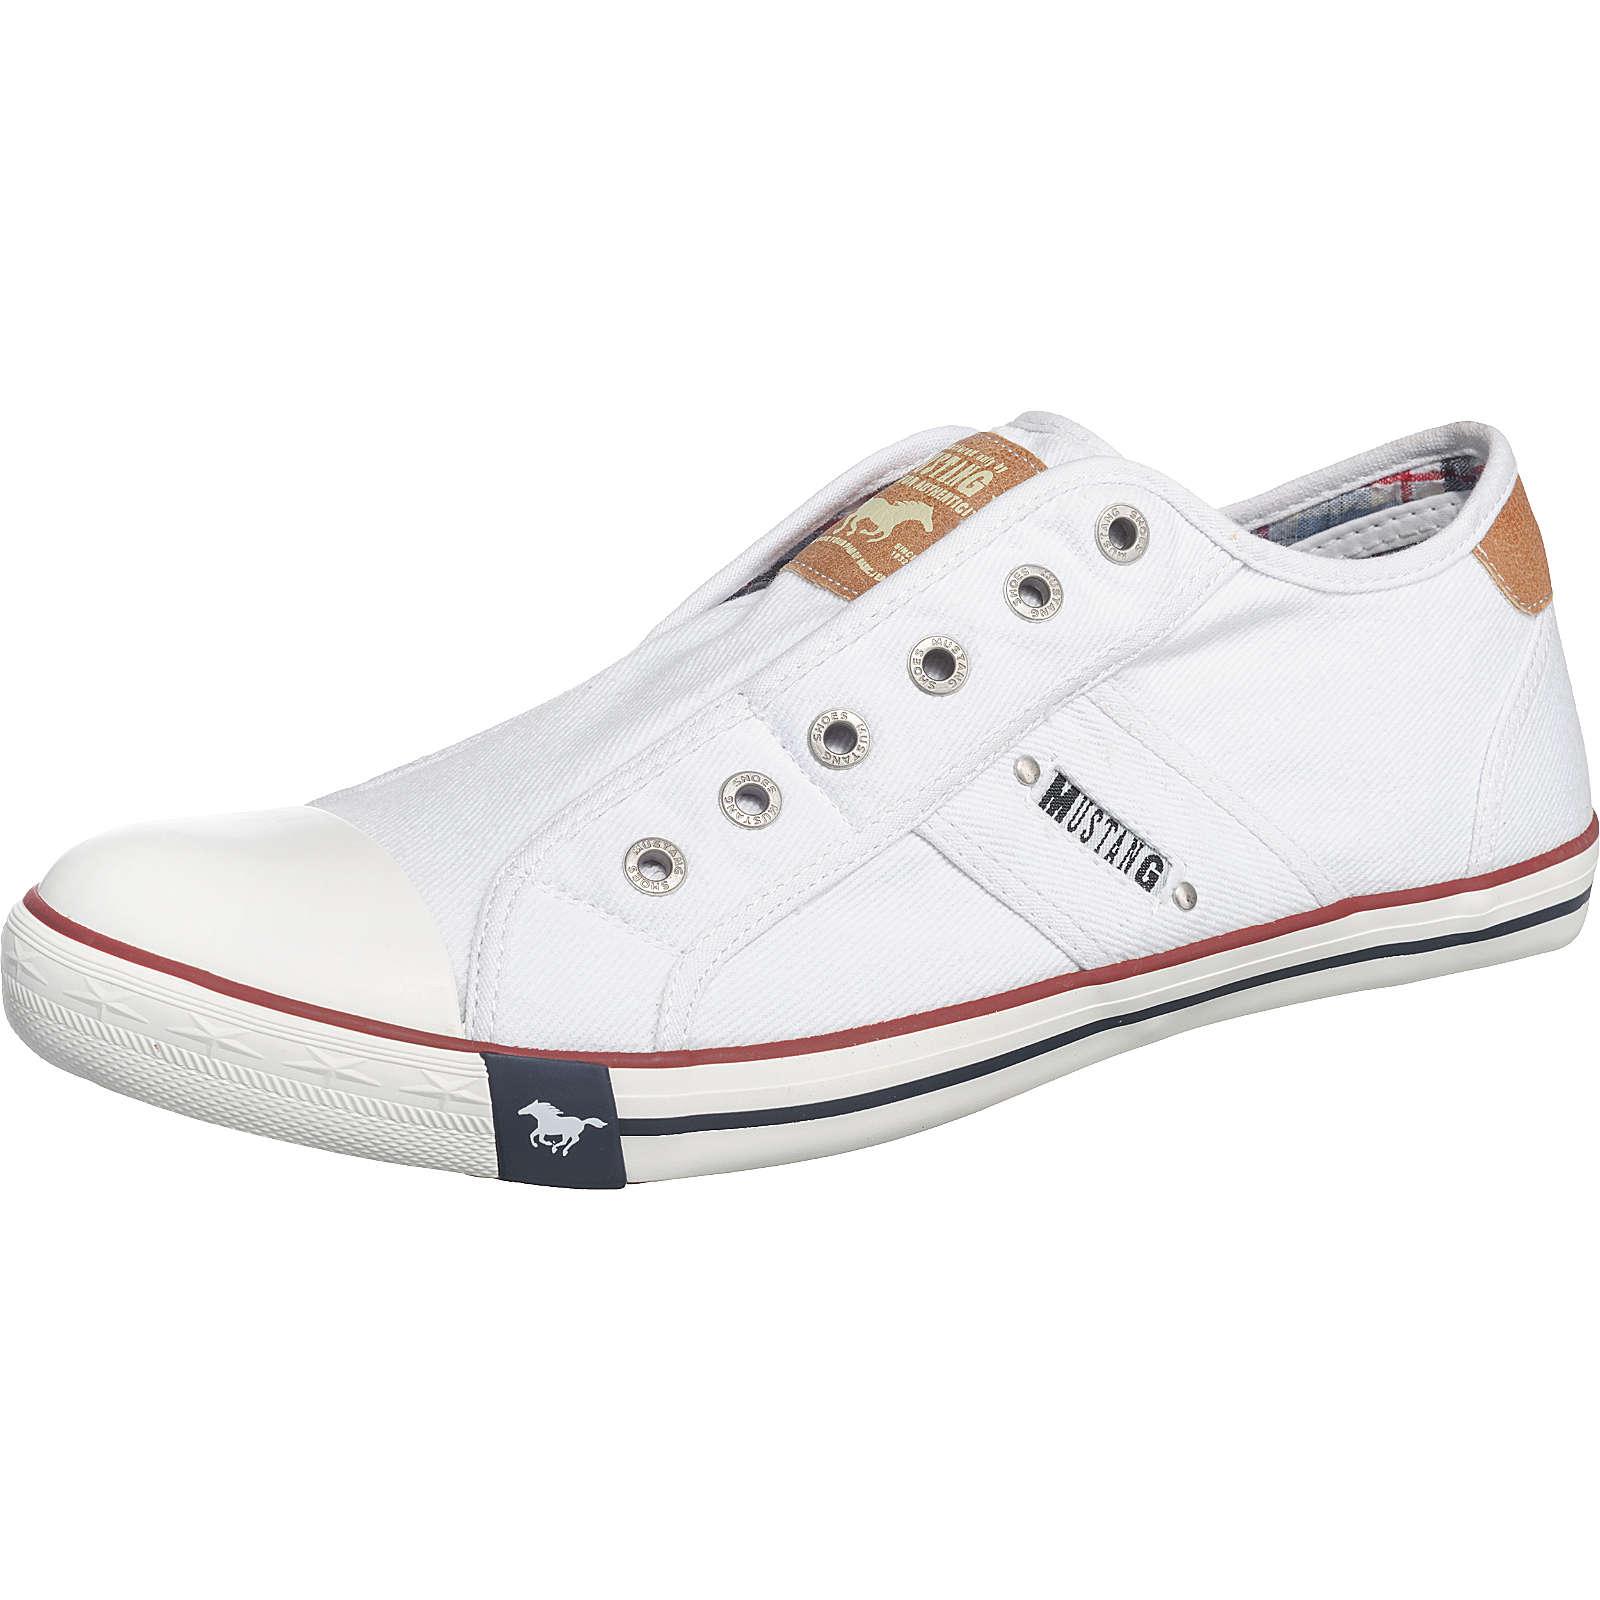 MUSTANG Sneakers Low weiß Herren Gr. 44